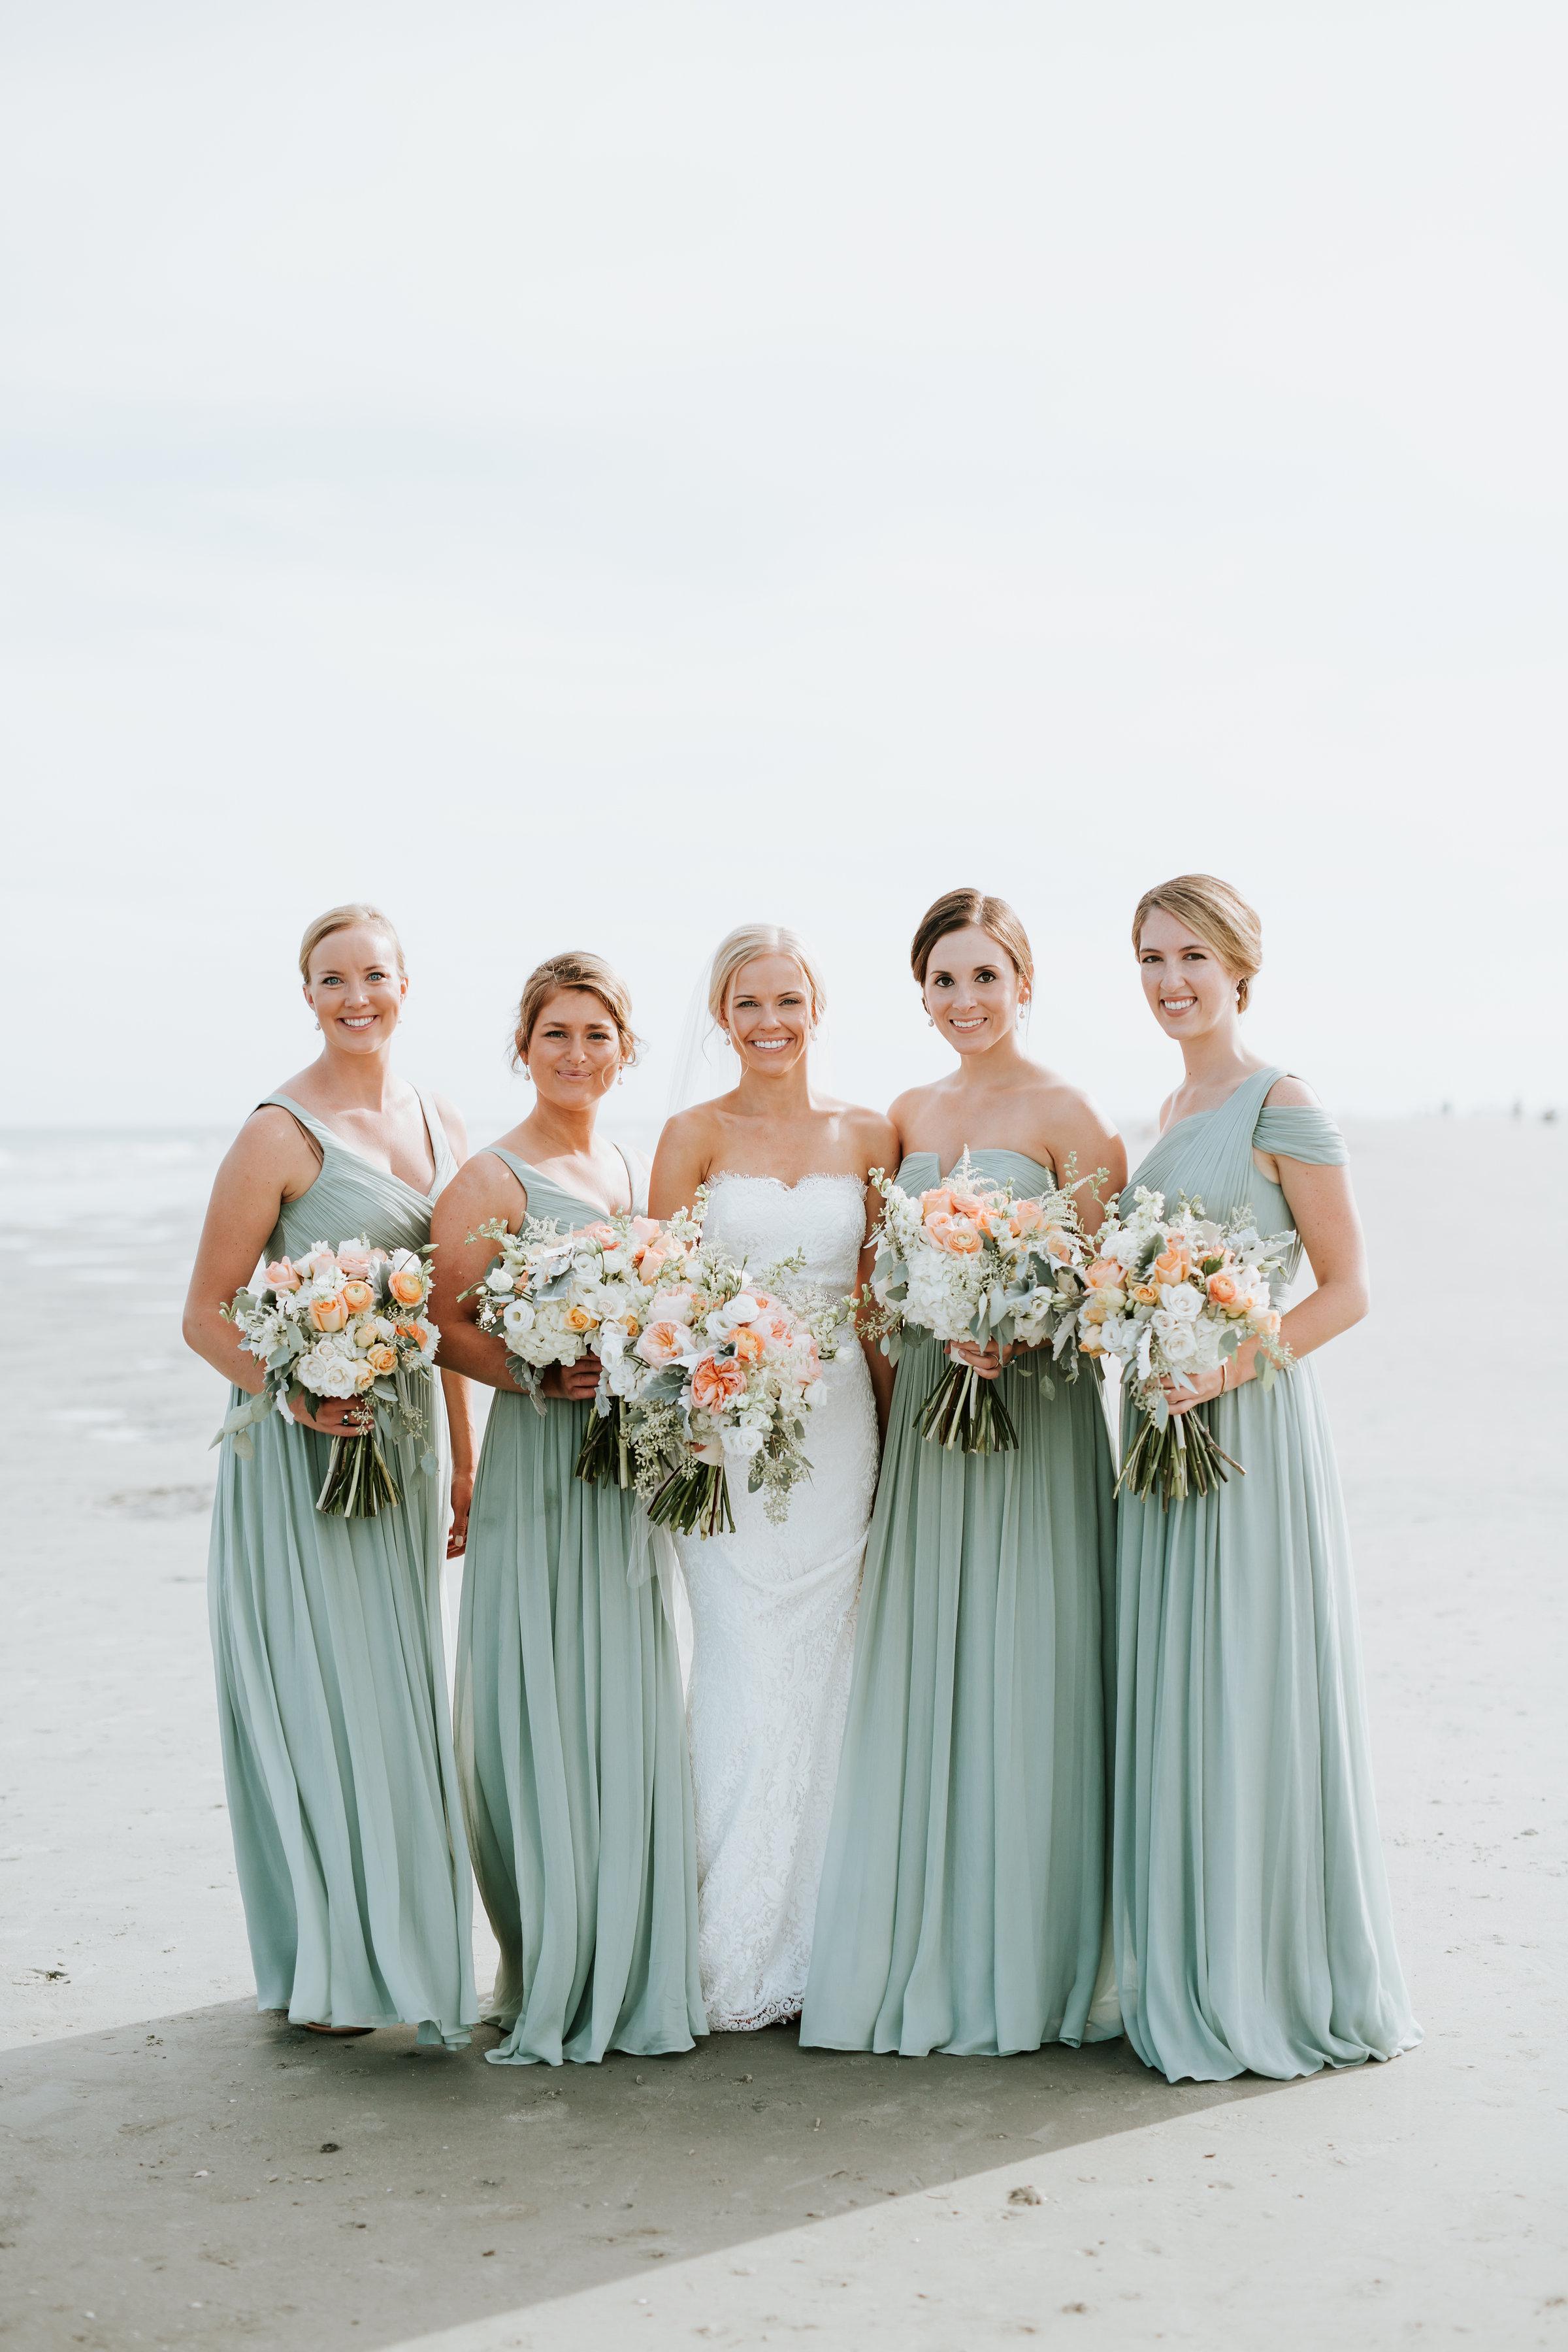 omni-hilton-head-wedding-37.jpg